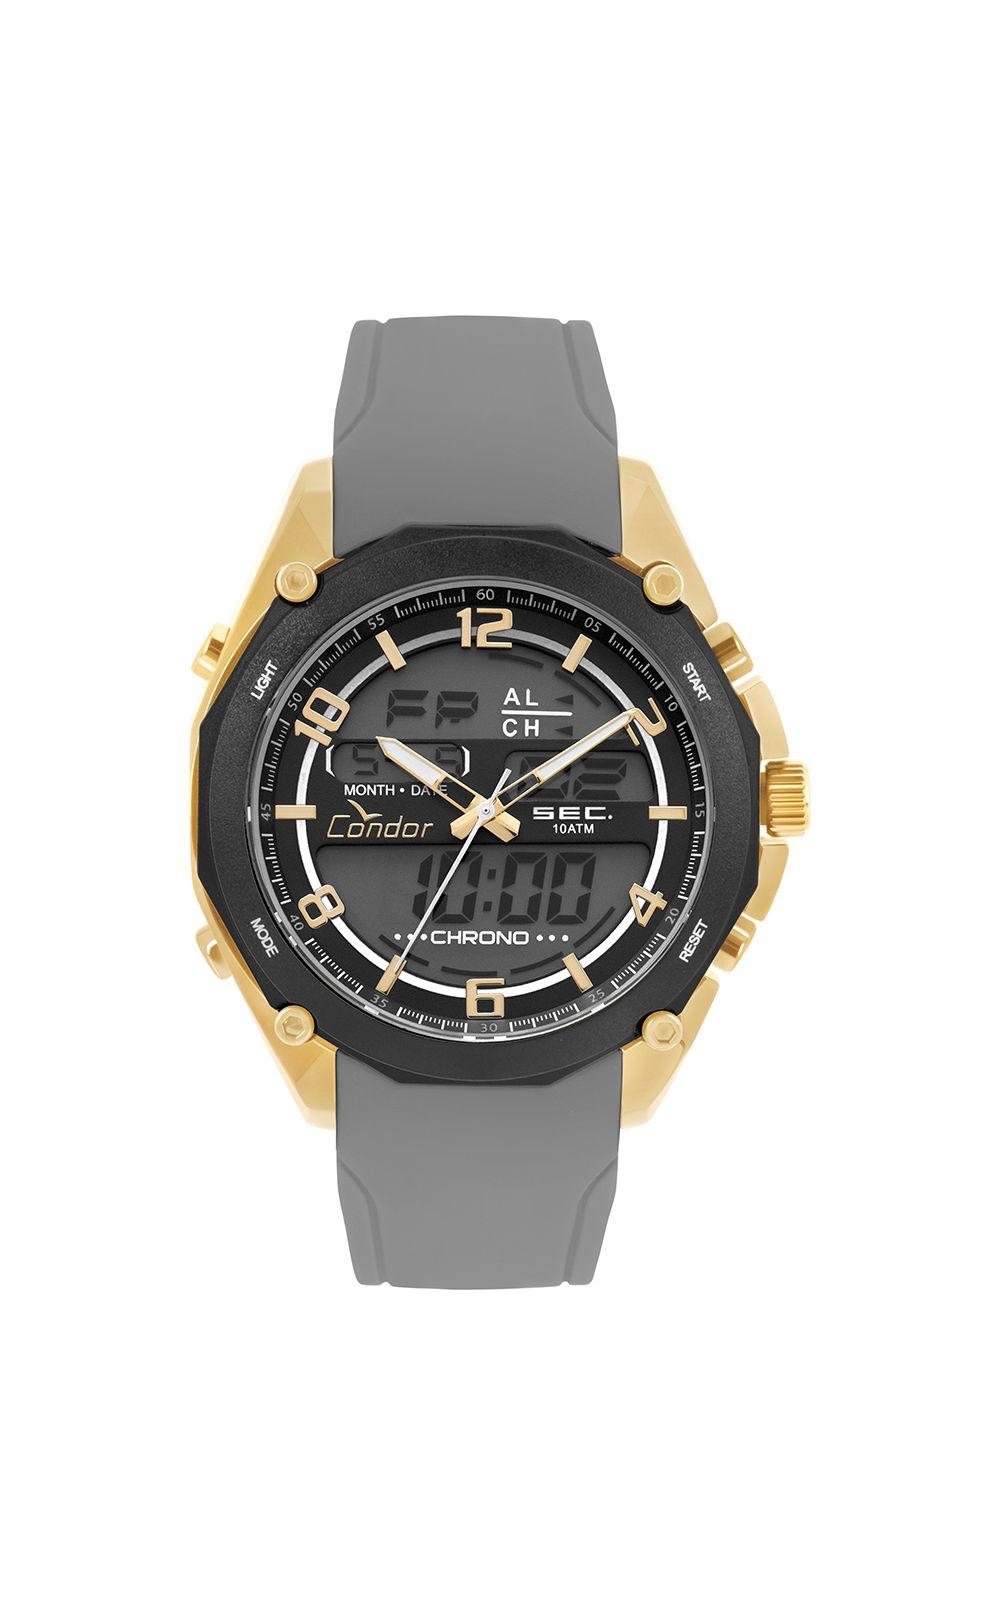 Relógio Condor Masculino Anadigi Dourado - COY121E6AD 3P. undefined 185b4b0dc5